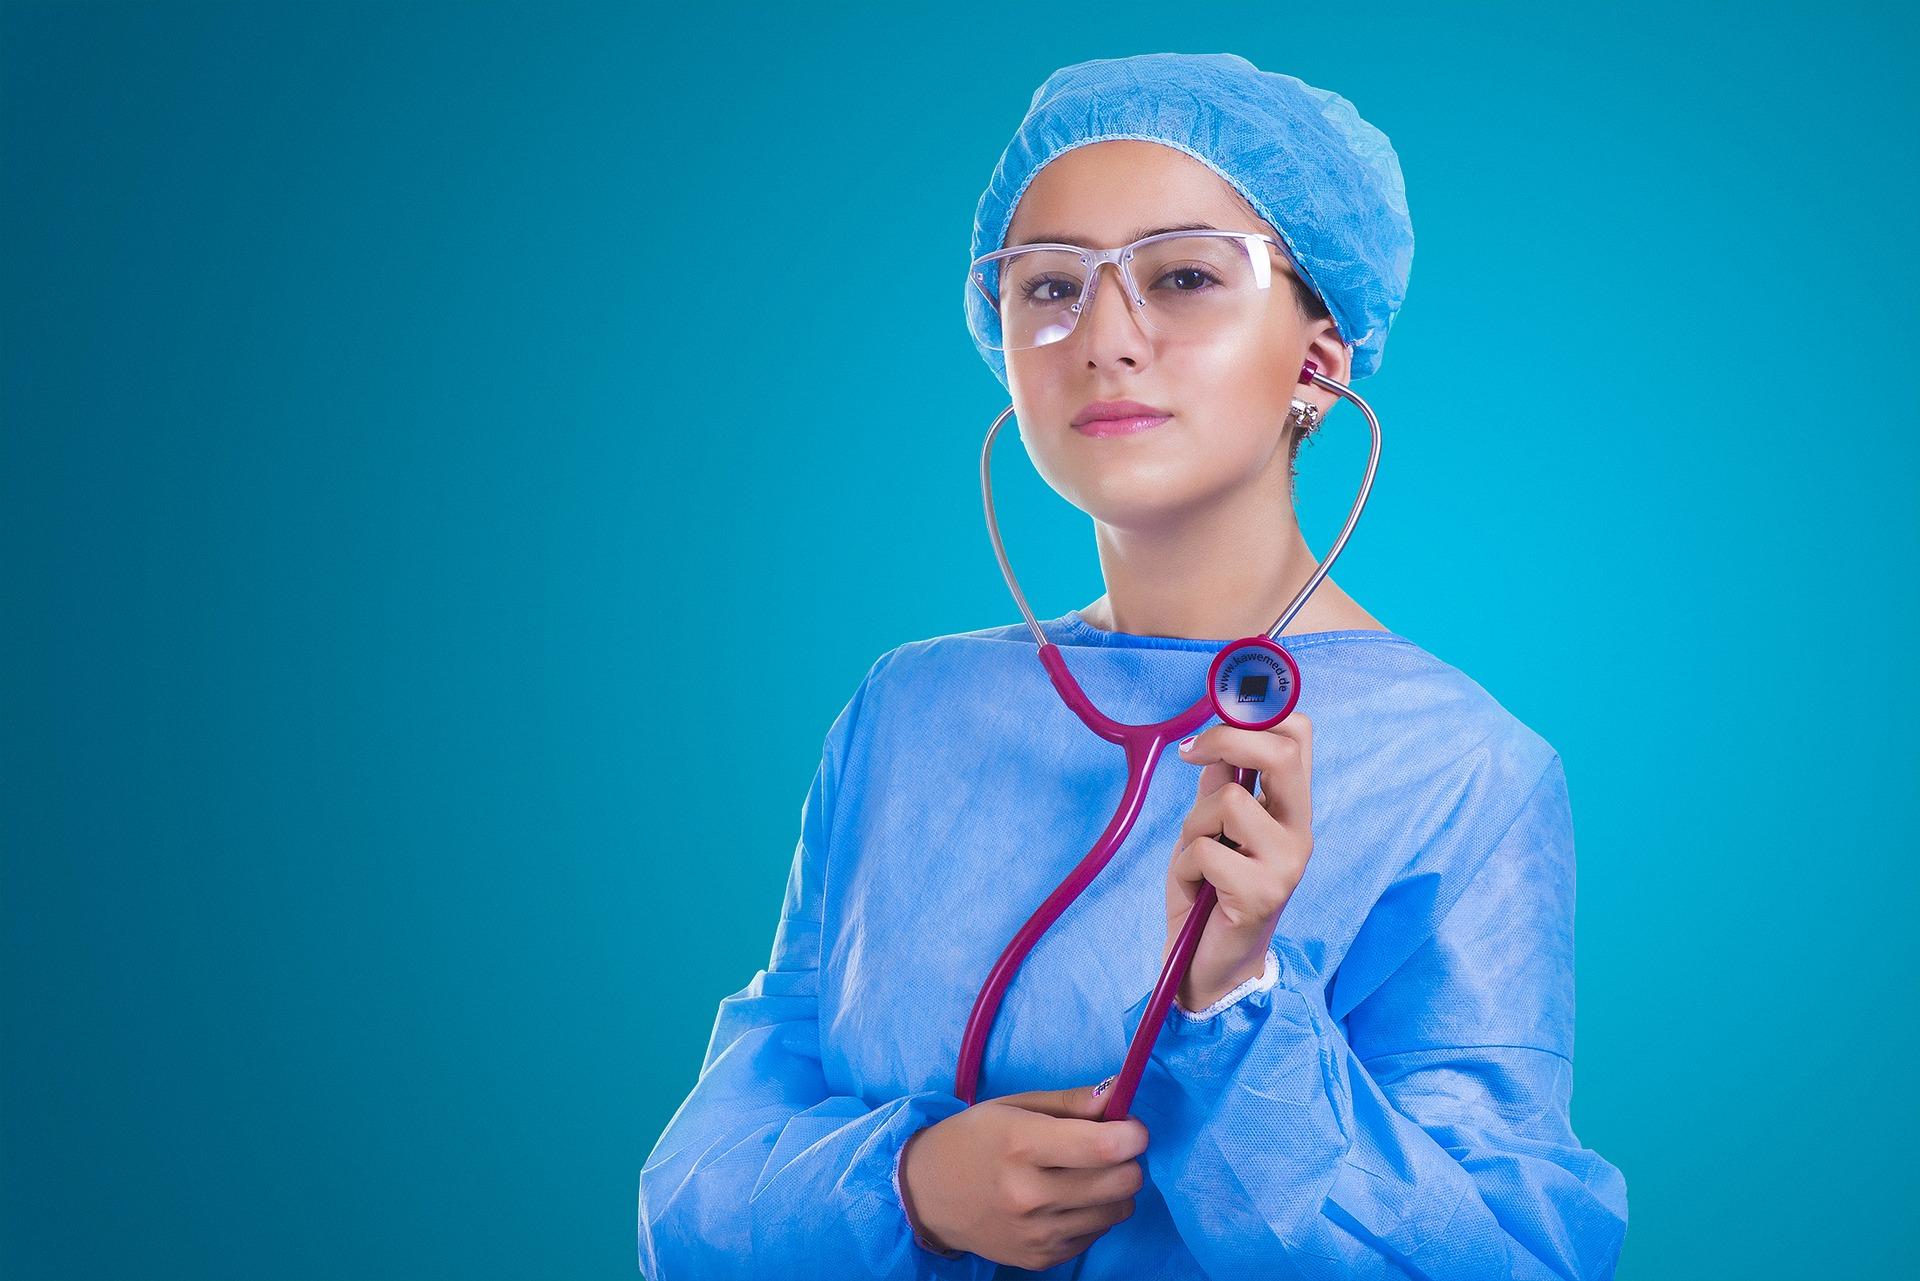 Będą testować e-stetoskopy do zdalnej diagnostyki pacjentów - Zdjęcie główne